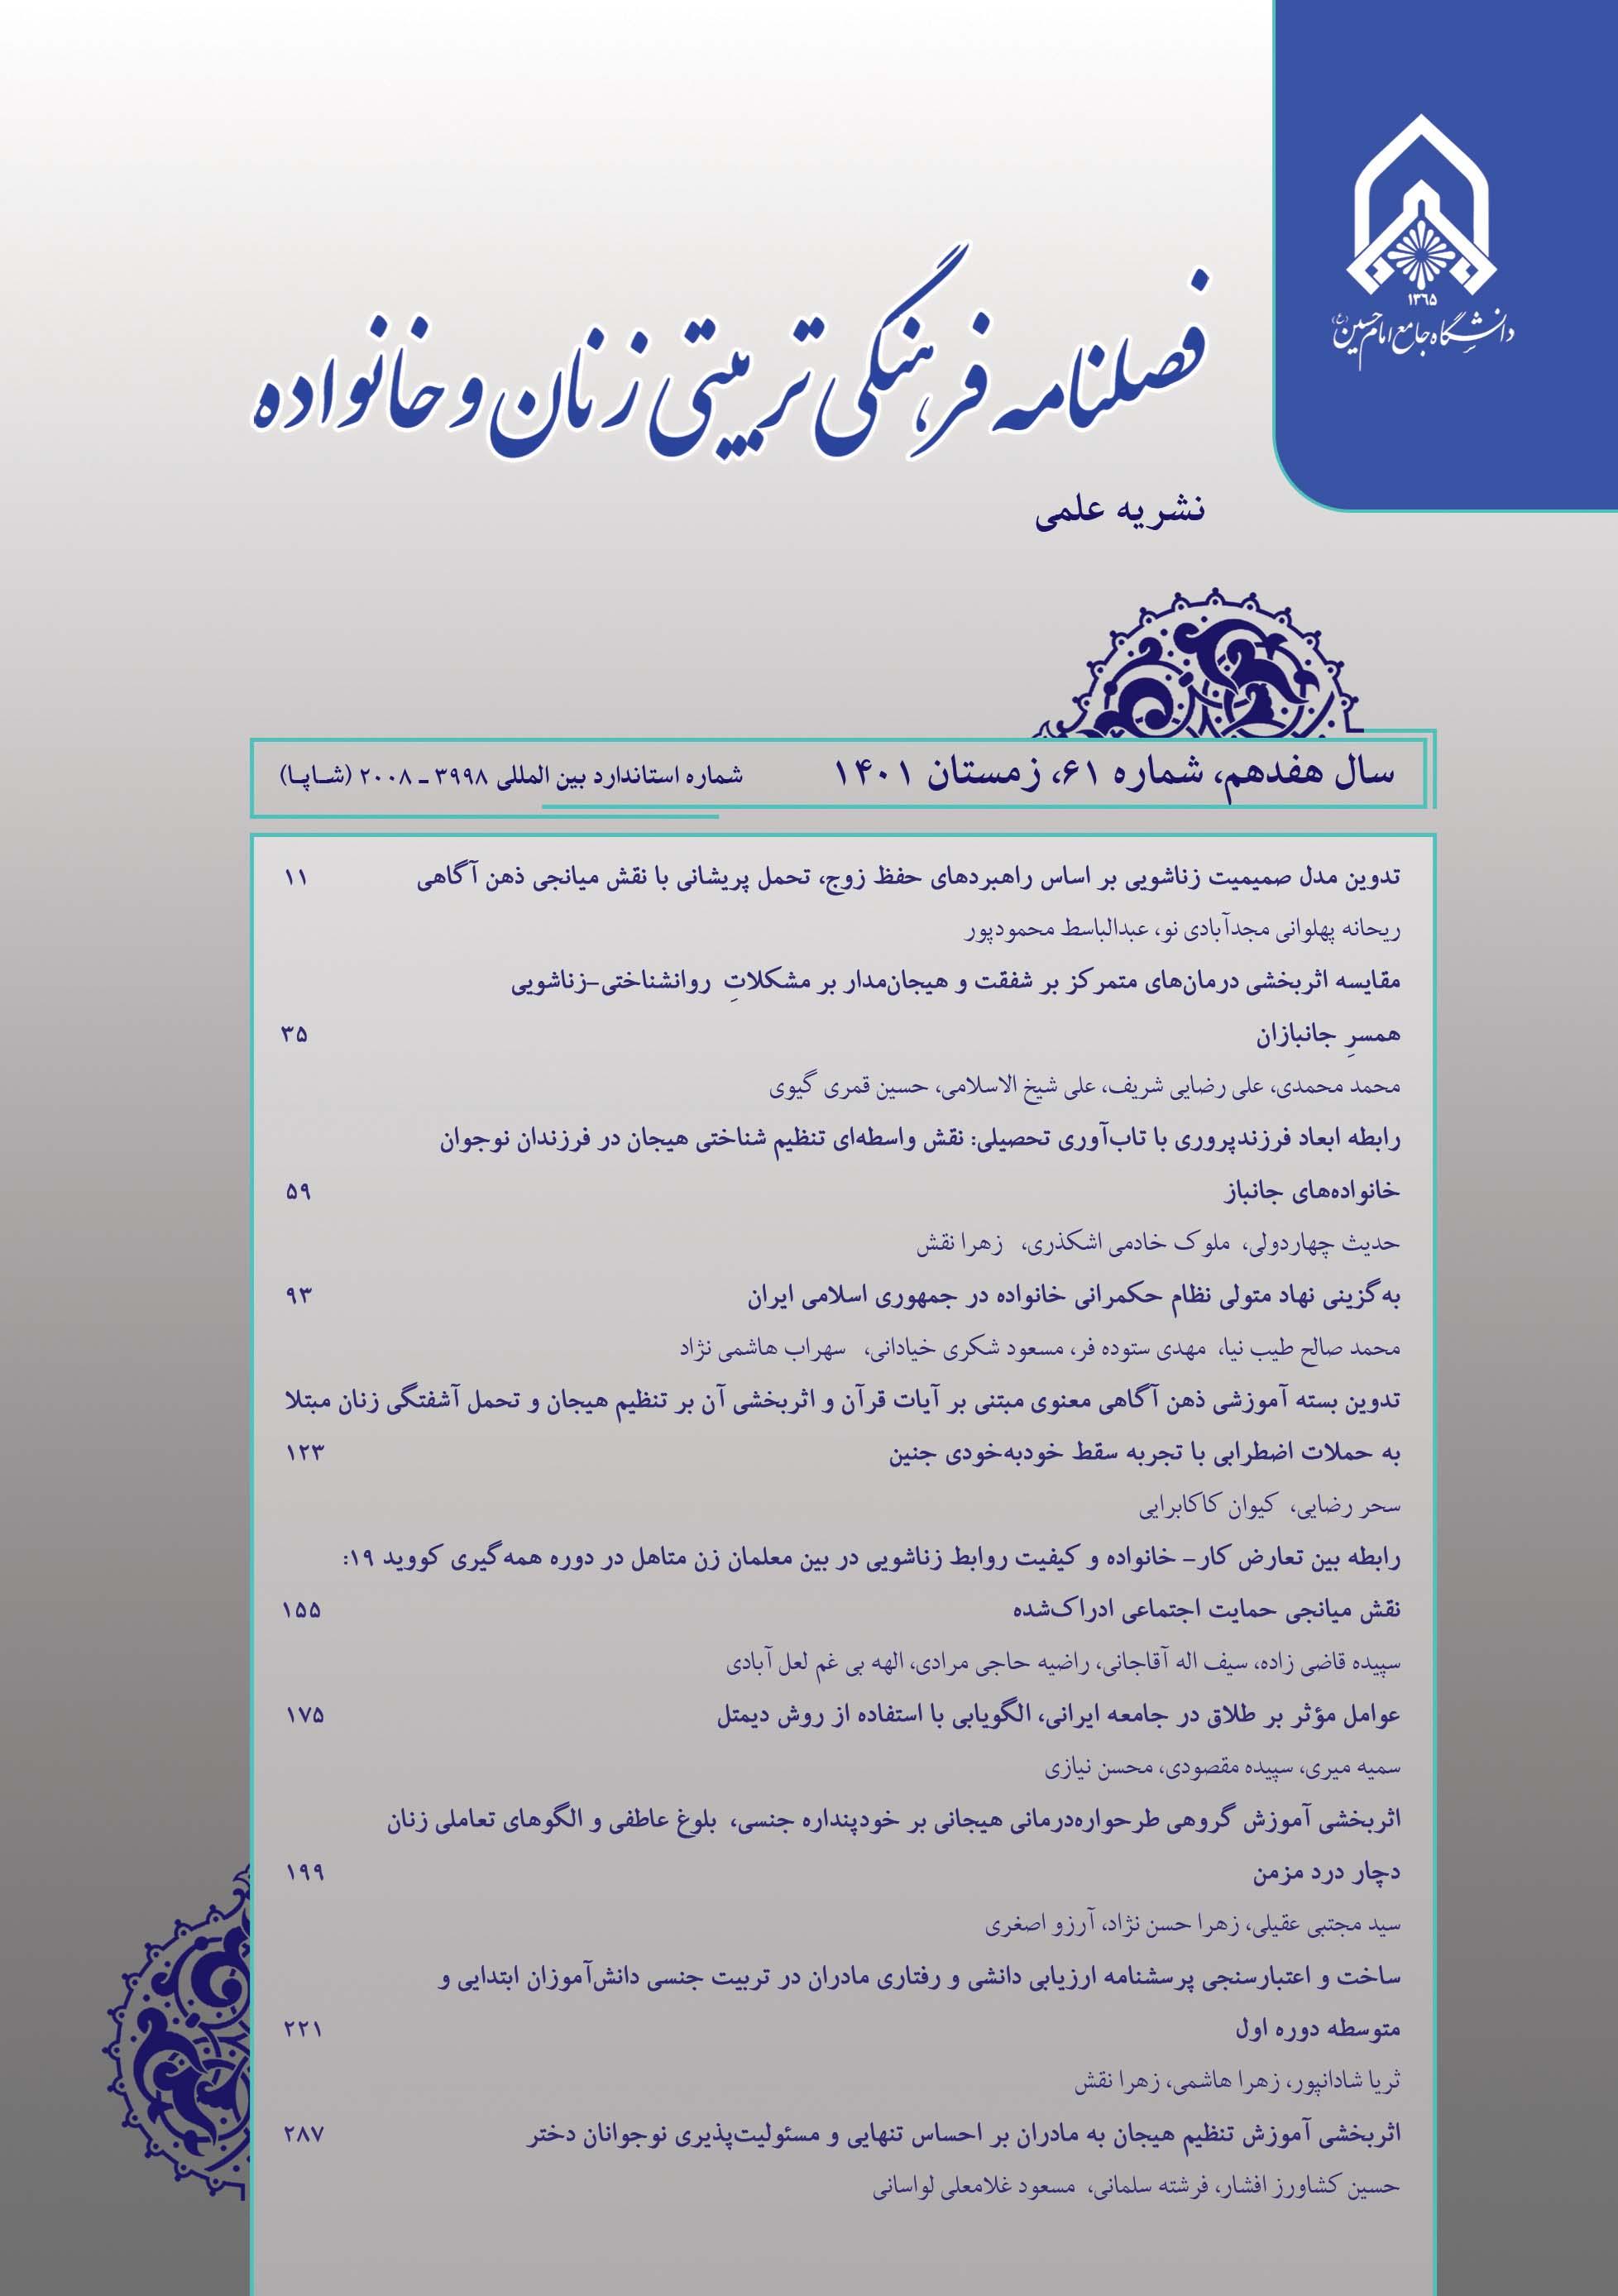 فصلنامه فرهنگی تربیتی زنان و خانواده